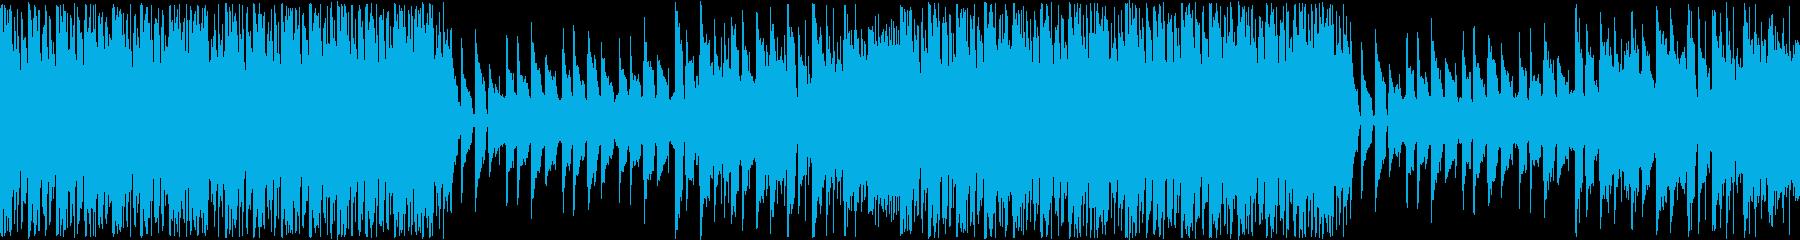 躍動感溢れる軽快なインスト楽曲ループの再生済みの波形